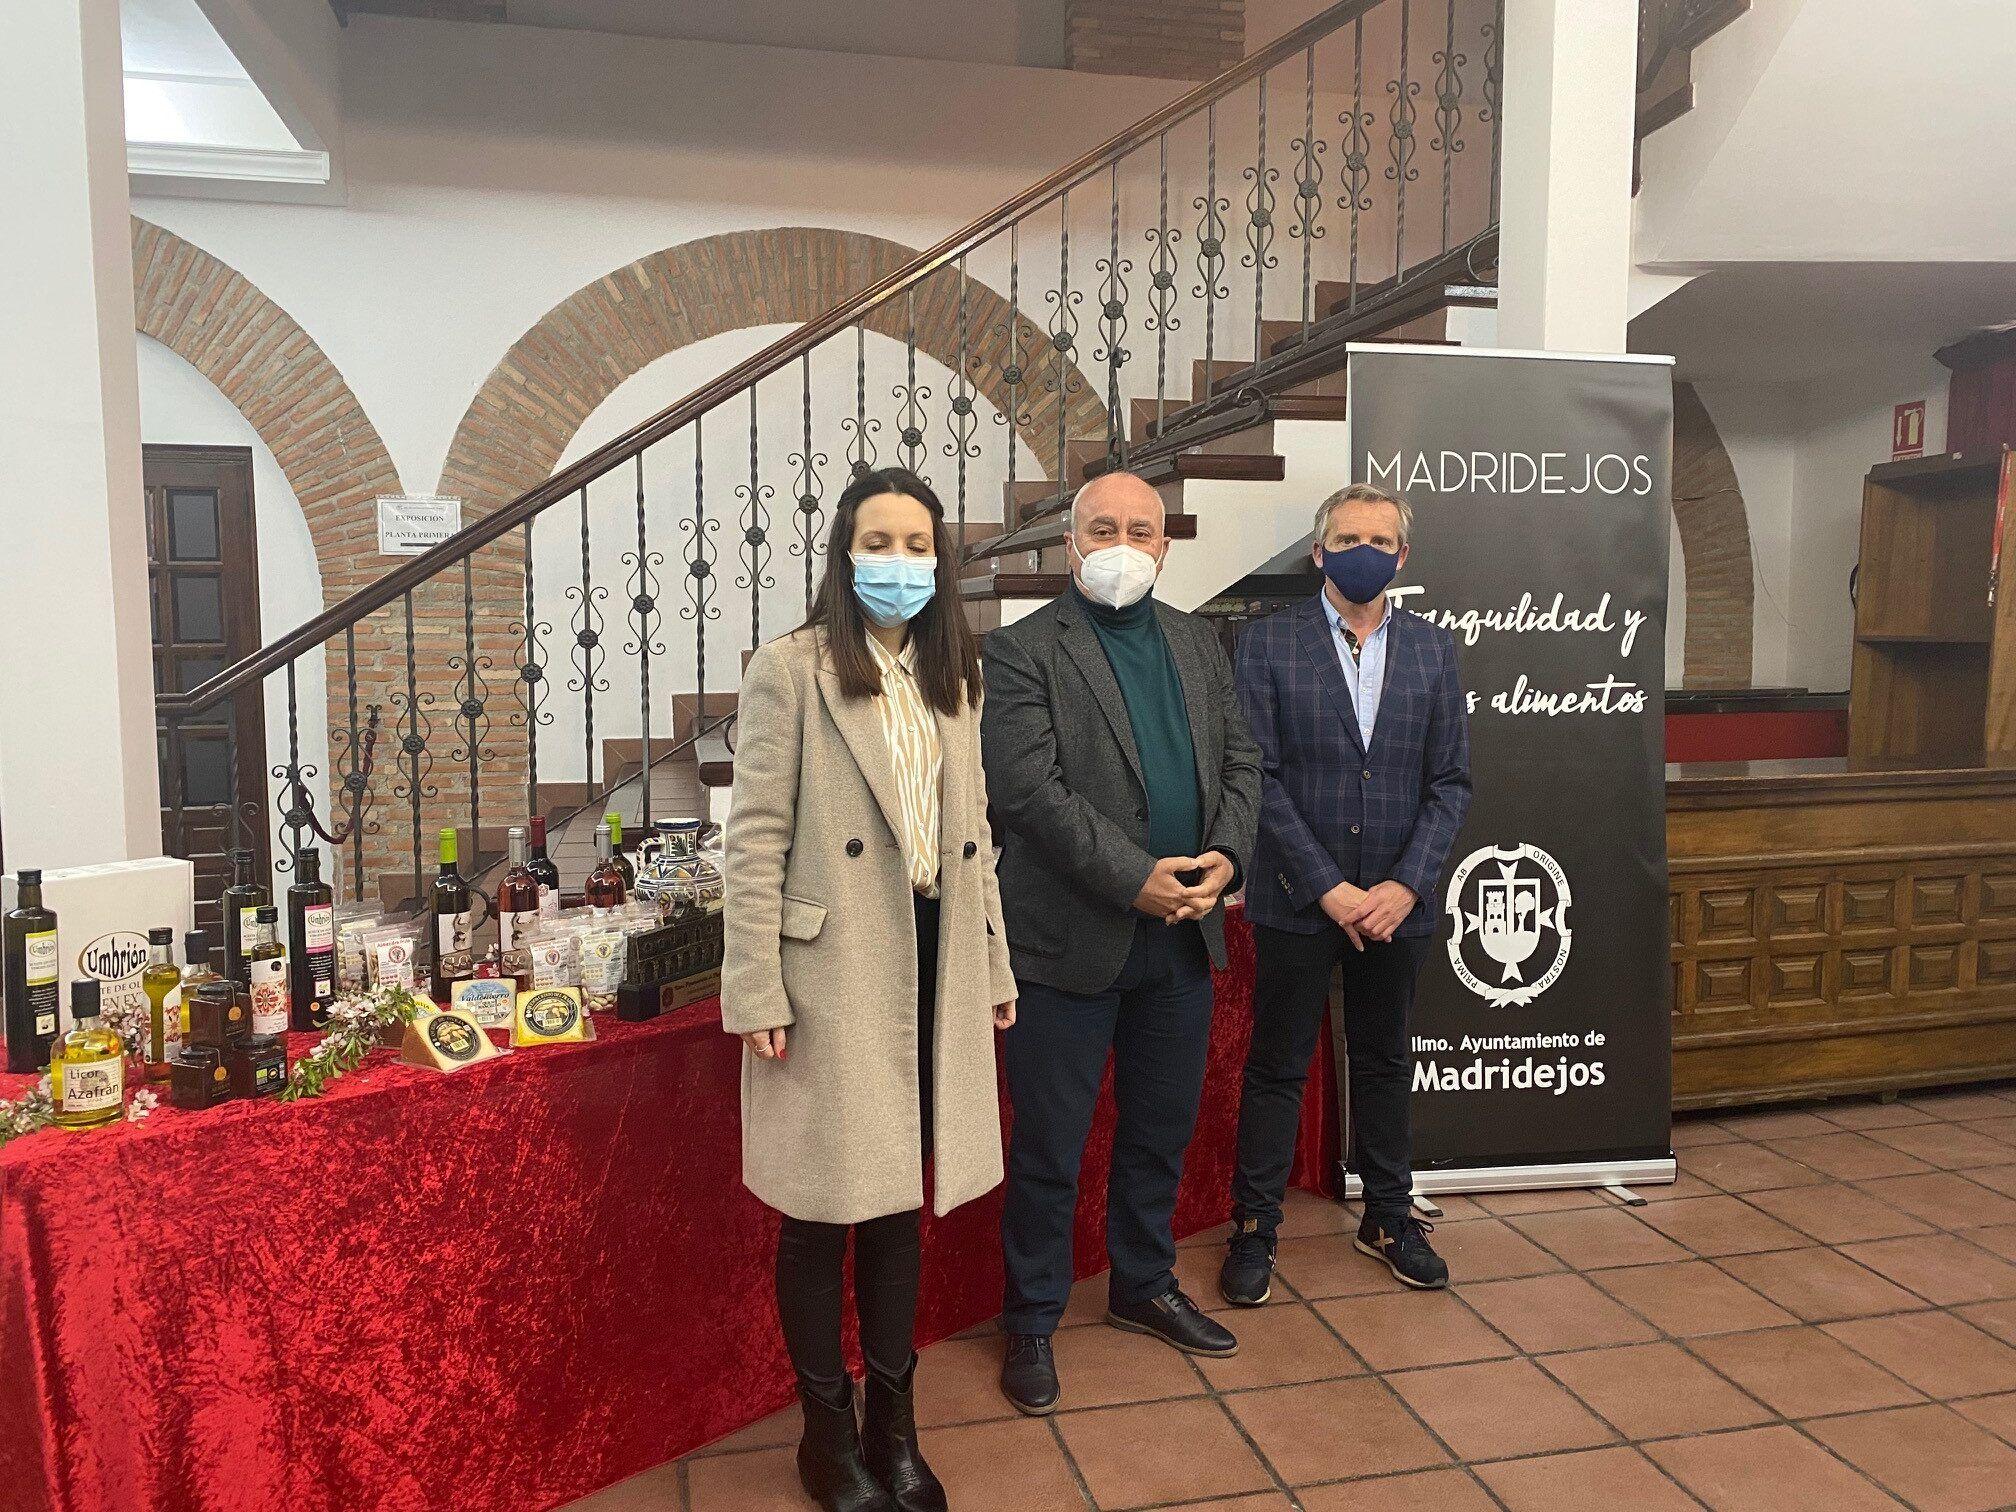 El Gobierno regional refirma su compromiso y apoyo para la reactivación e impulso de la actividad del sector turístico en la provincia de Toledo